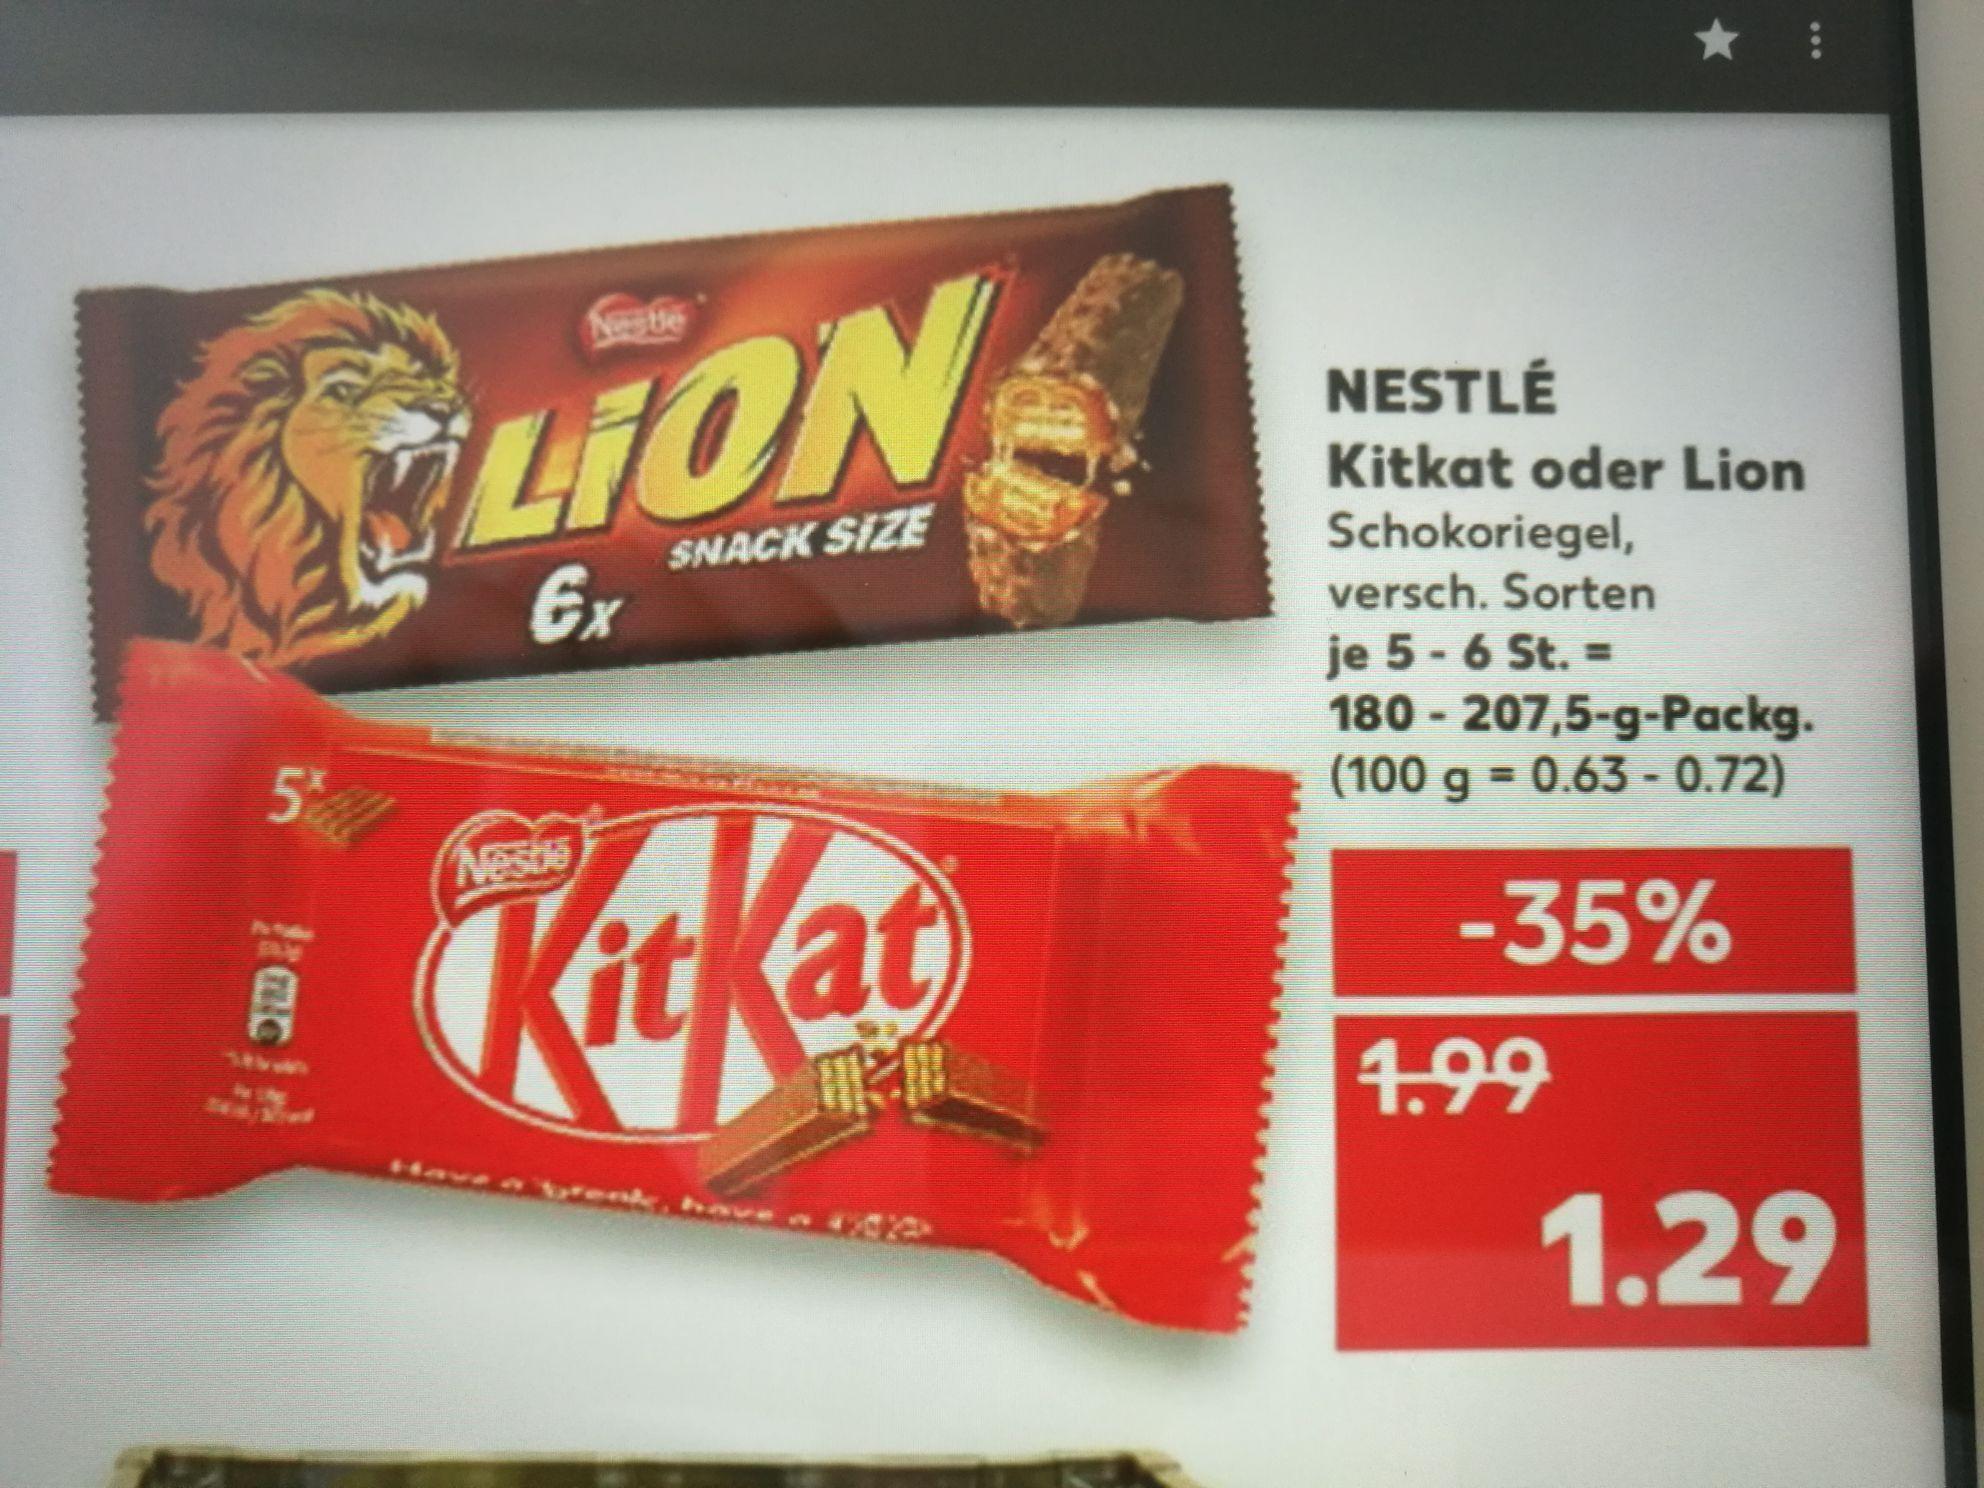 [Kaufland] Nestle 6er Lion, 5er KitKat, 5er Chunky, 6er Nuts Schokoriegel